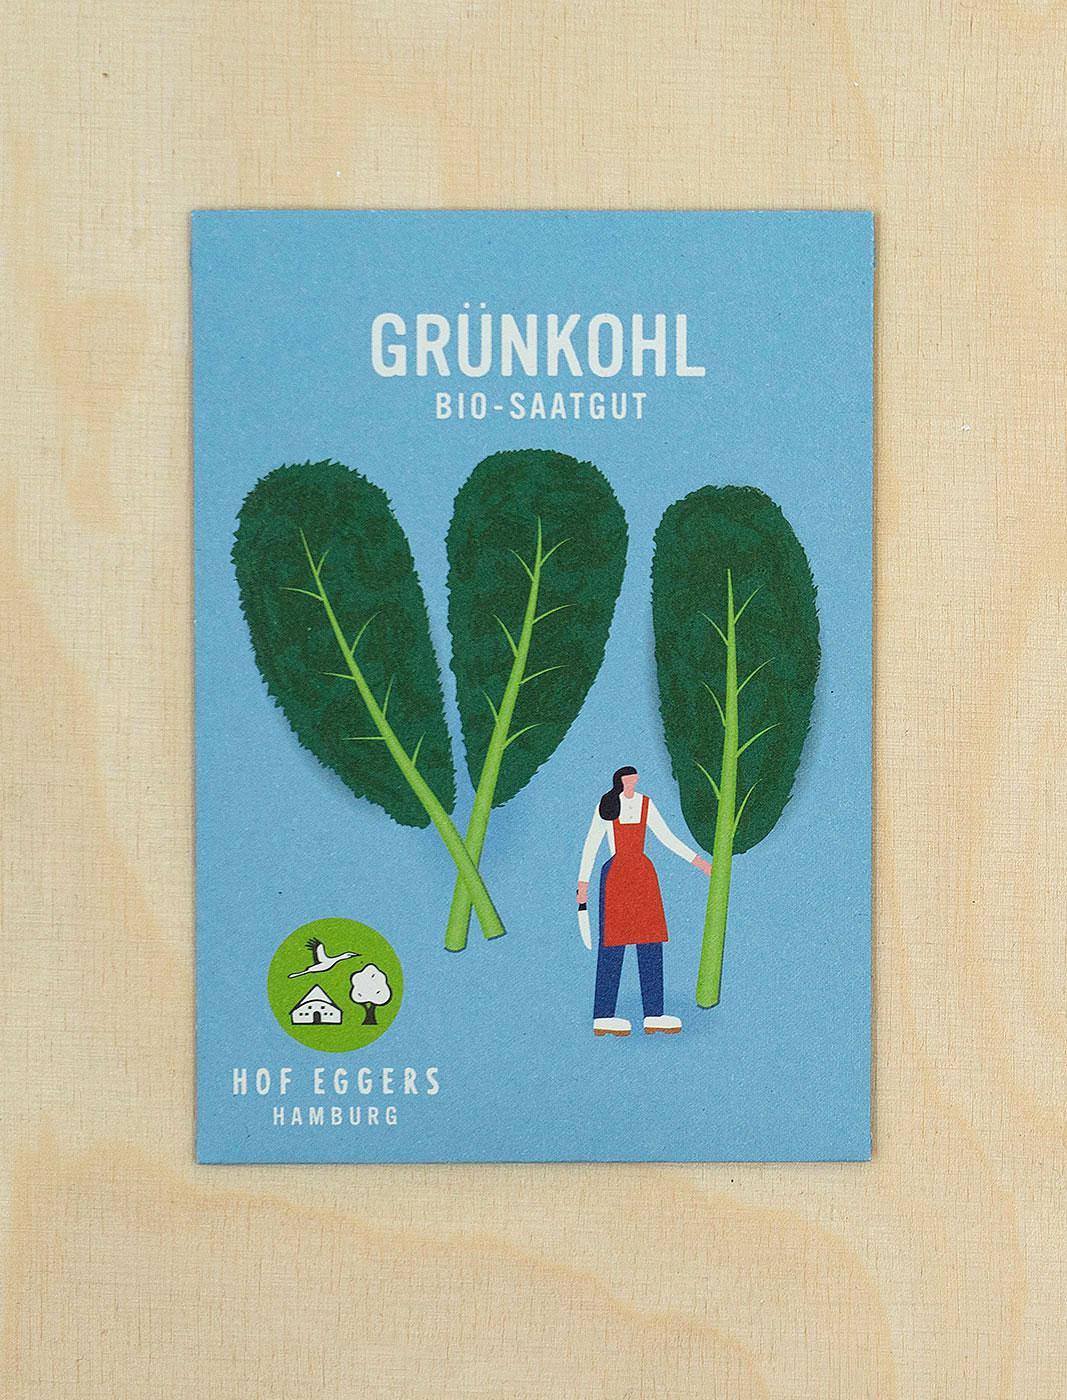 Grünkohl grüner Krauser, Saatgut